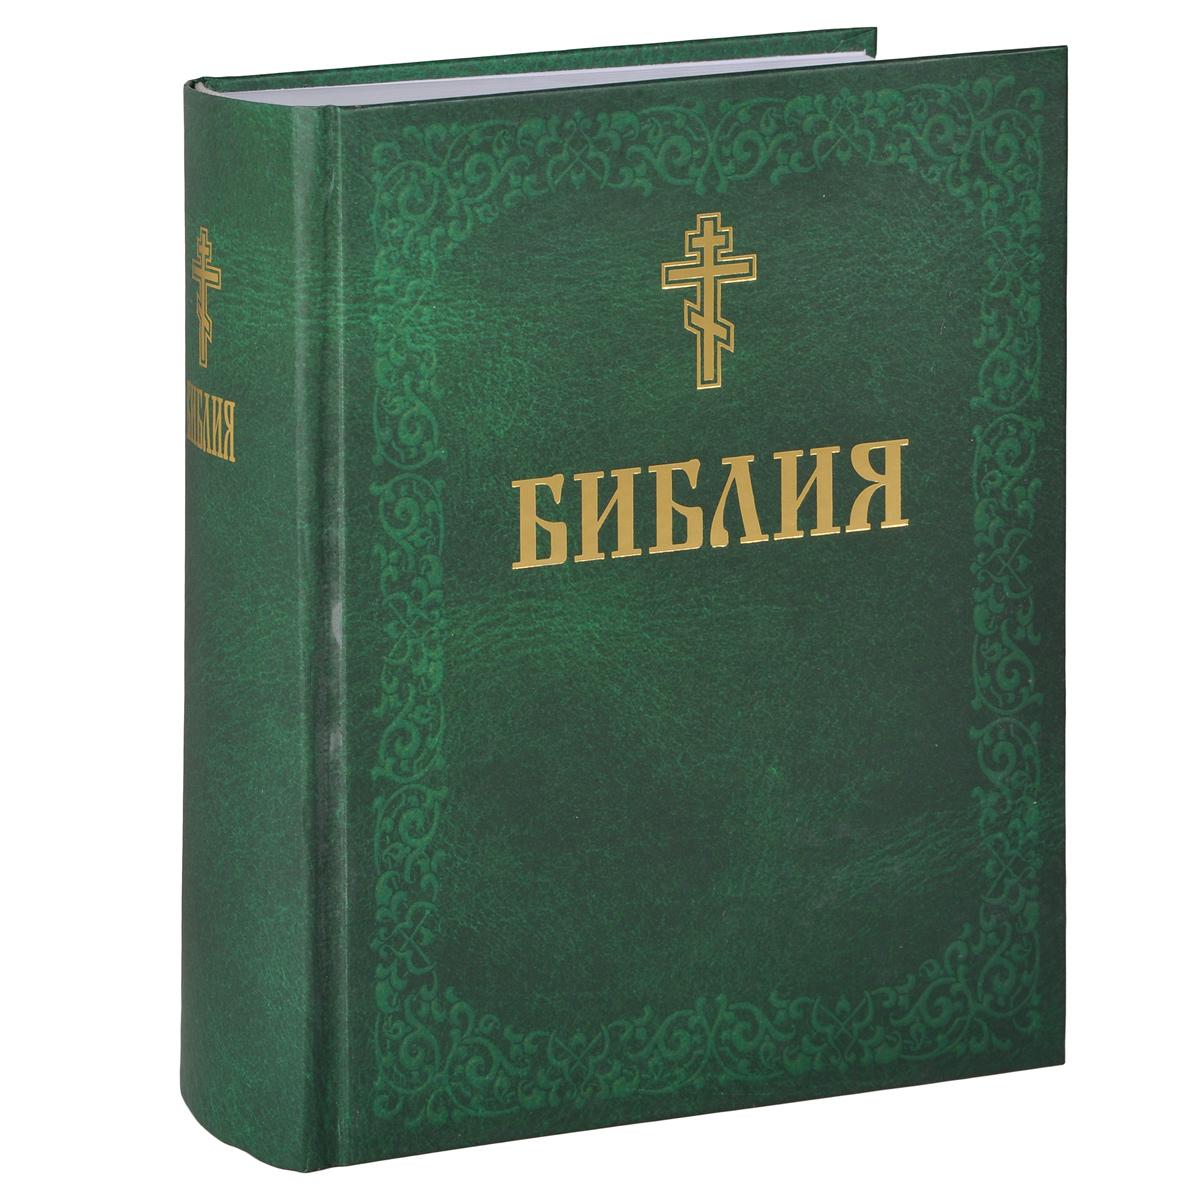 библейский завет картинки устройство барабанного